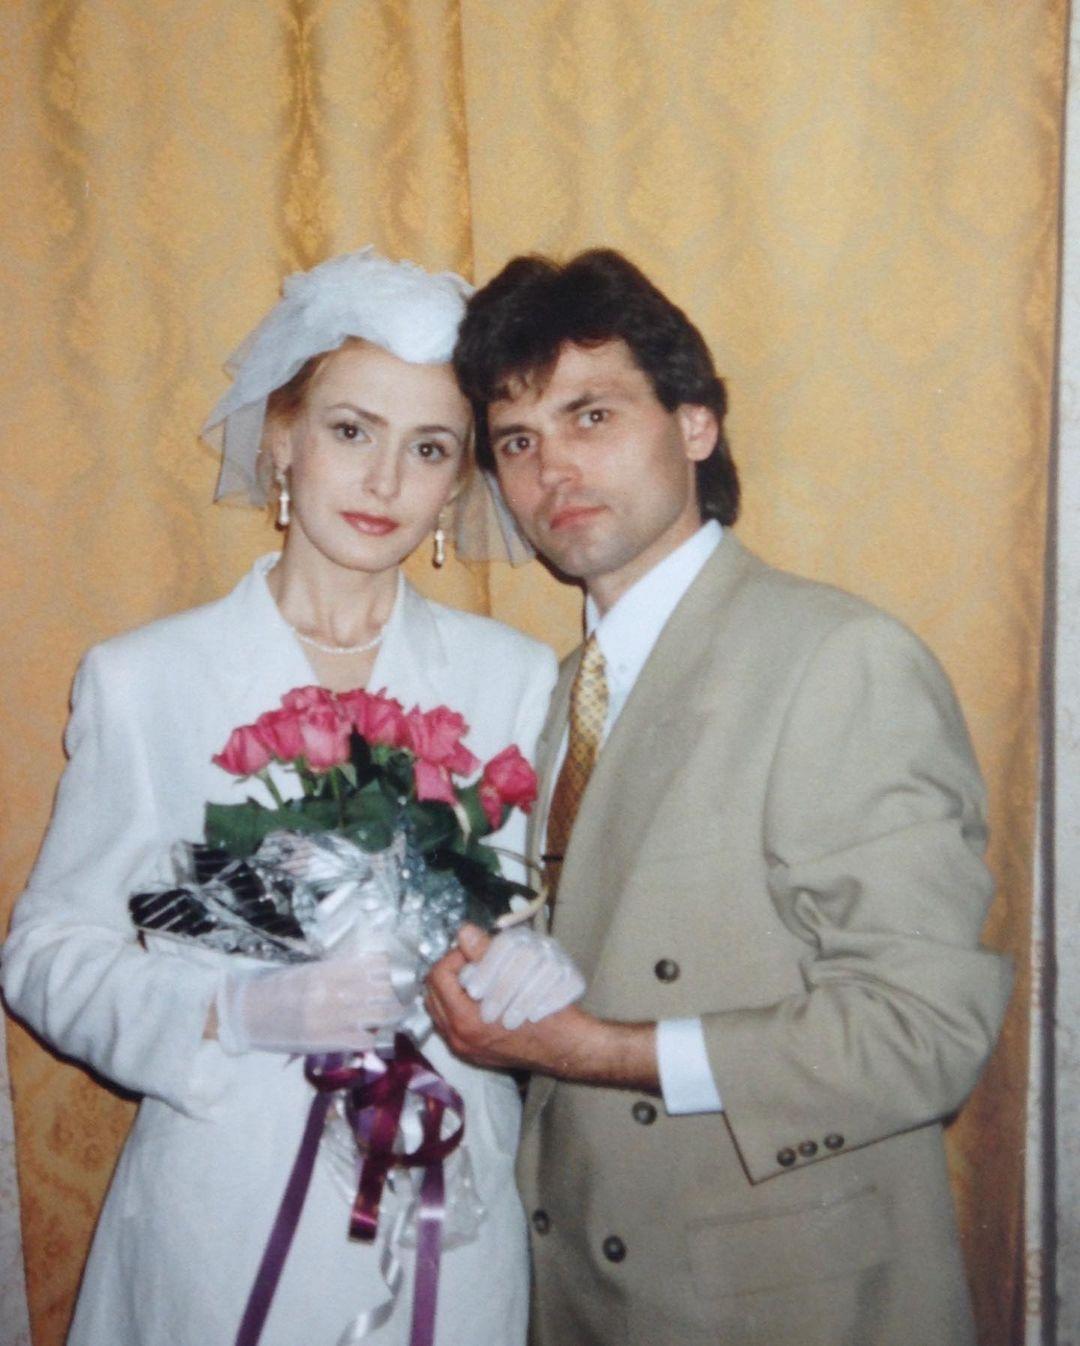 ольга сумская виталий борисюк серебряная свадьба в молодости